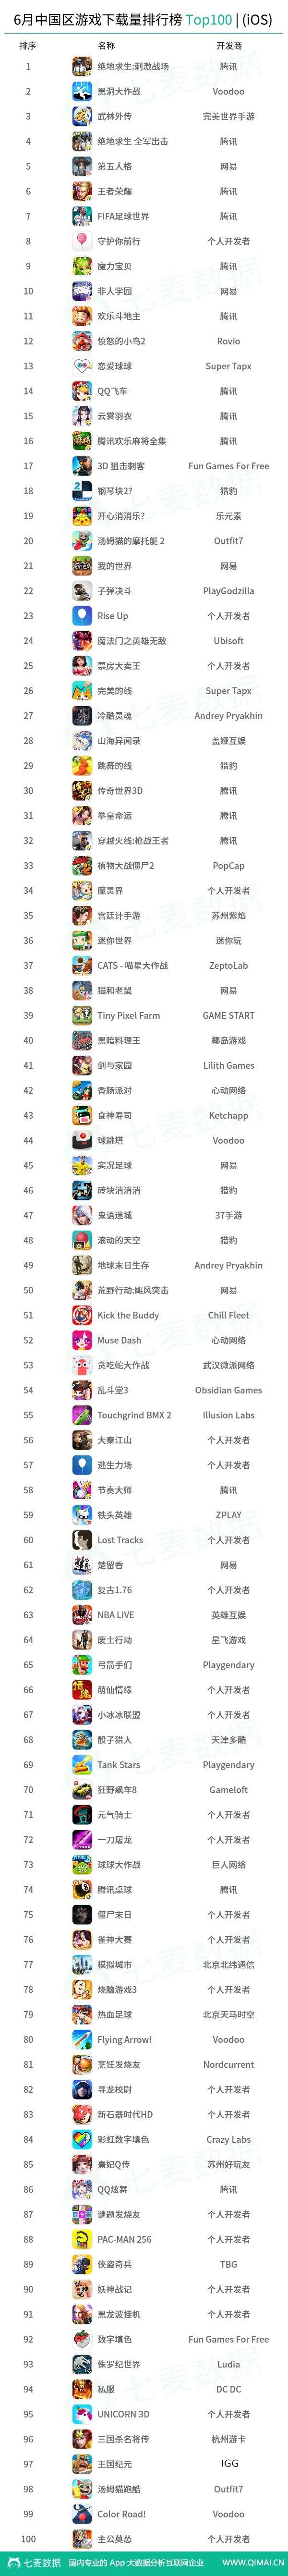 6月中国区游戏下载量排行榜Top 100全部排名